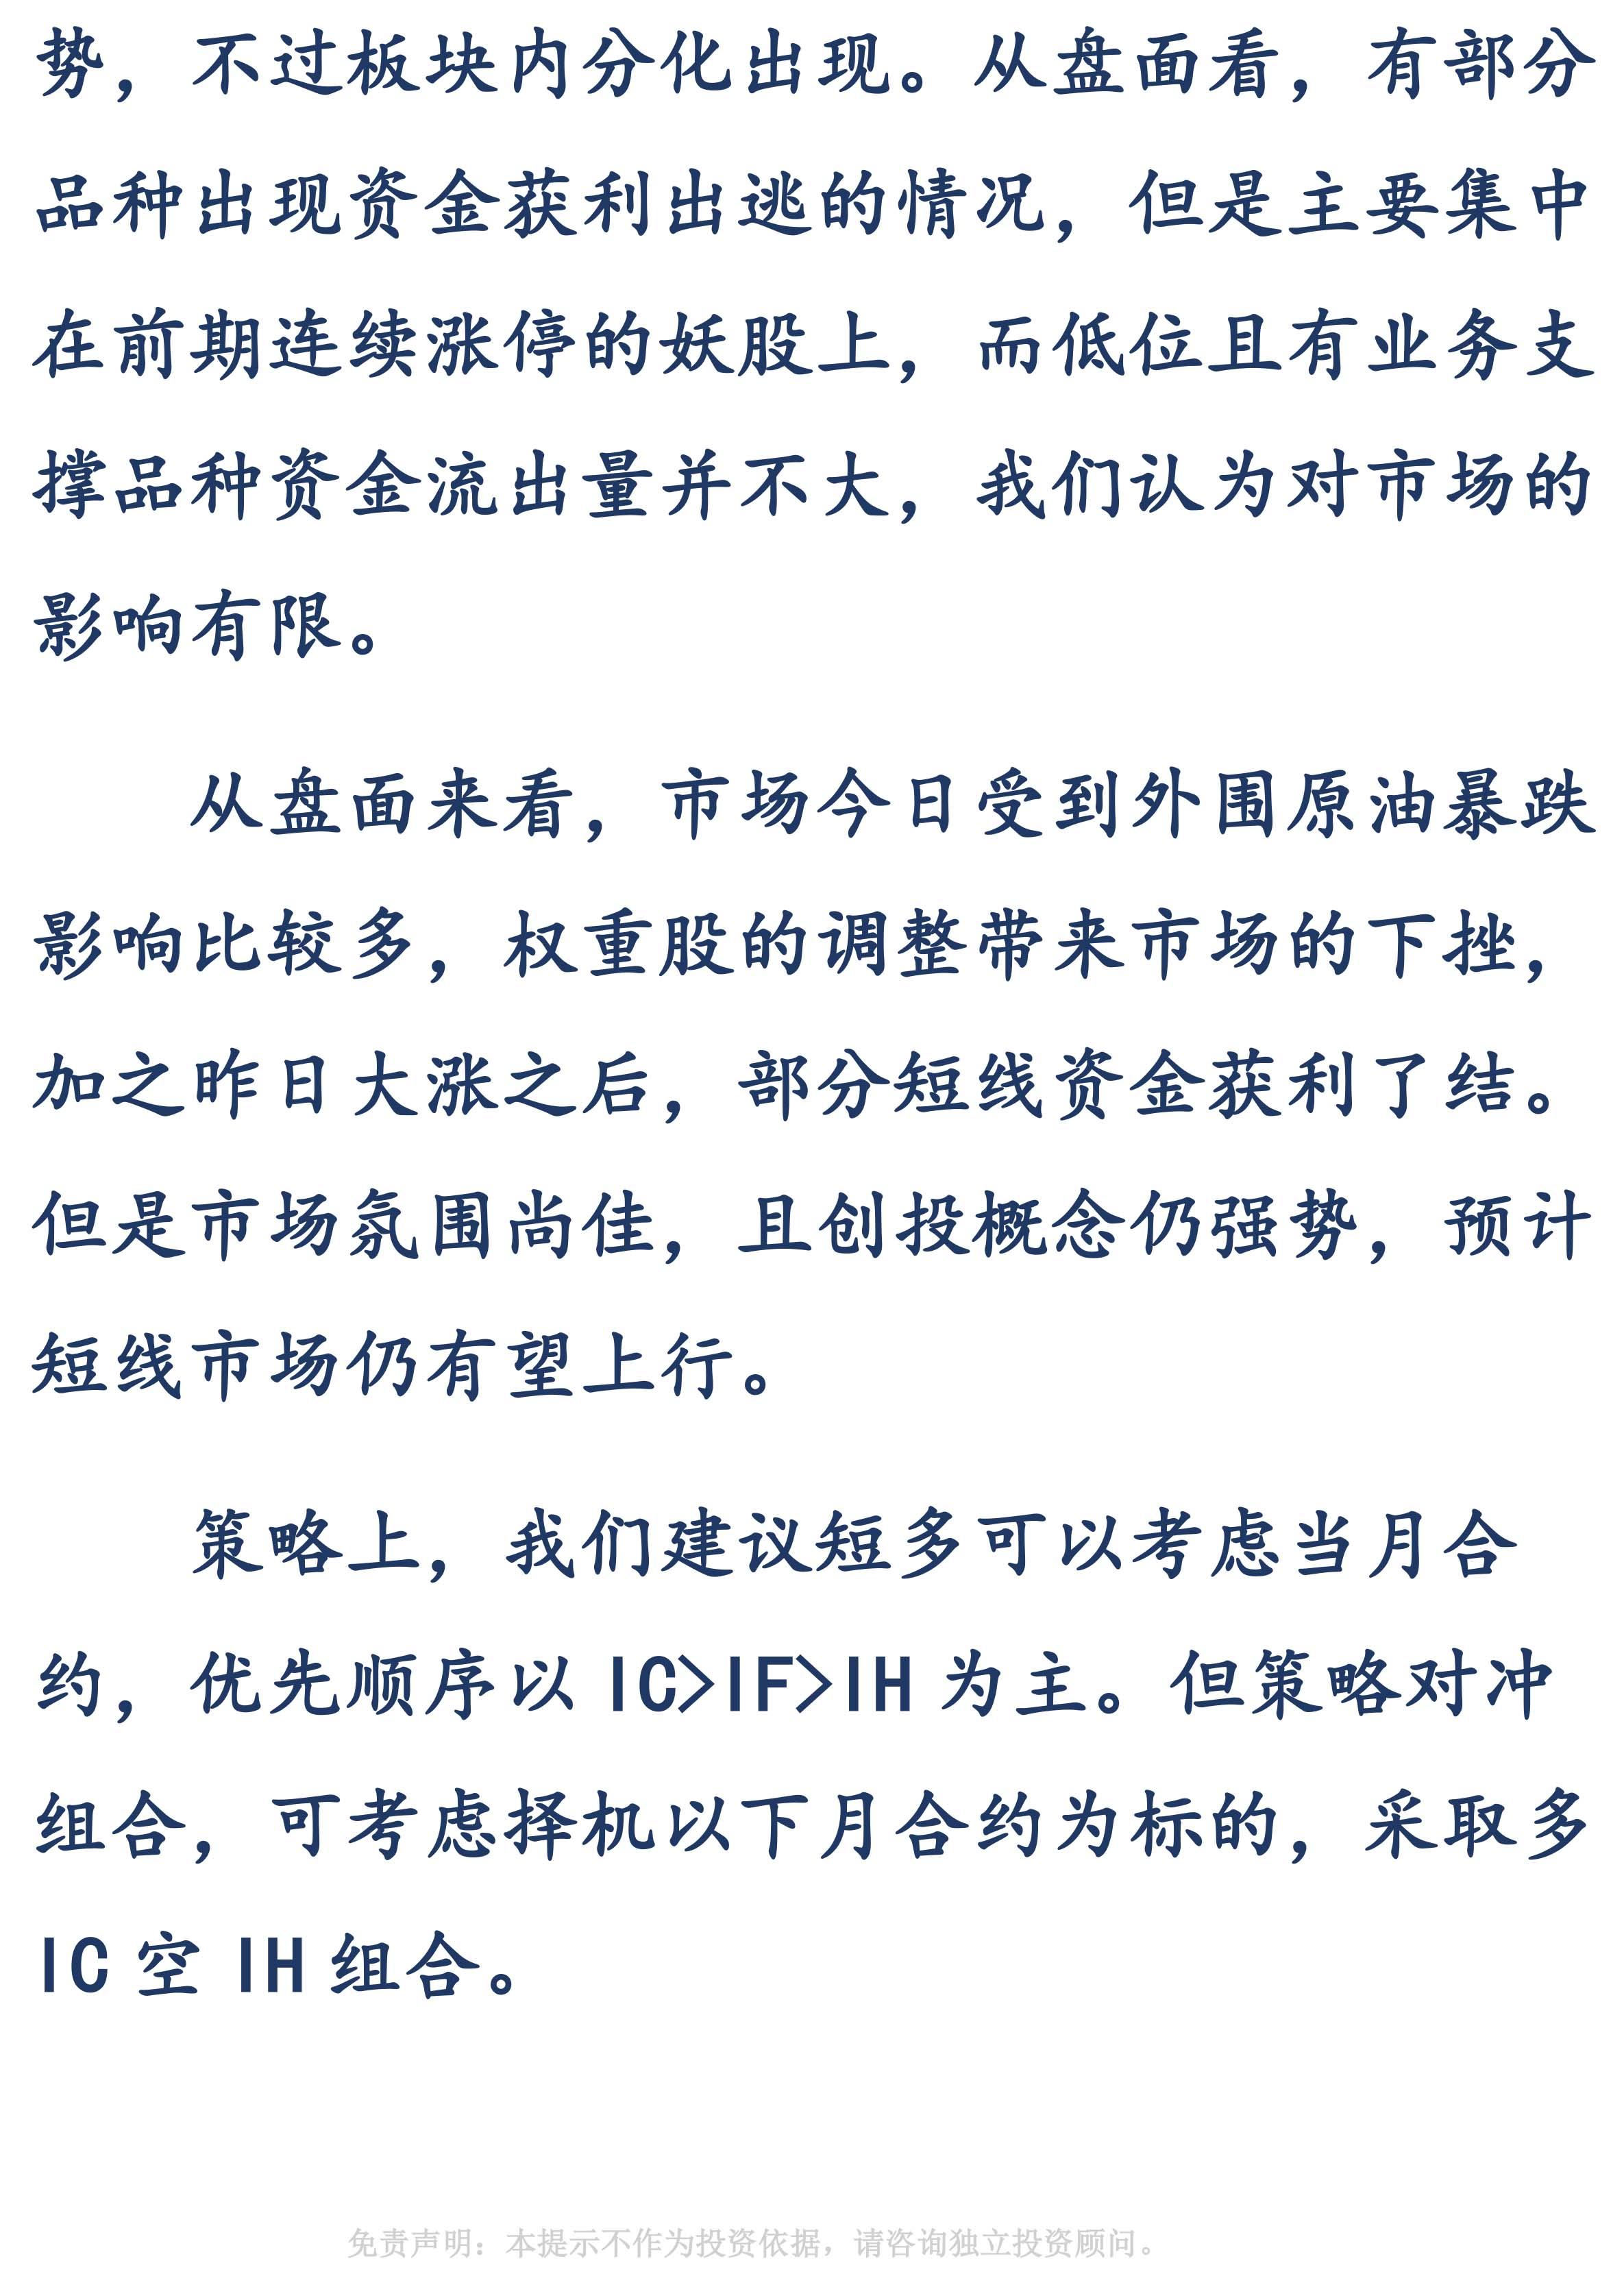 易胜博金策略1114(李冰)-2.jpg